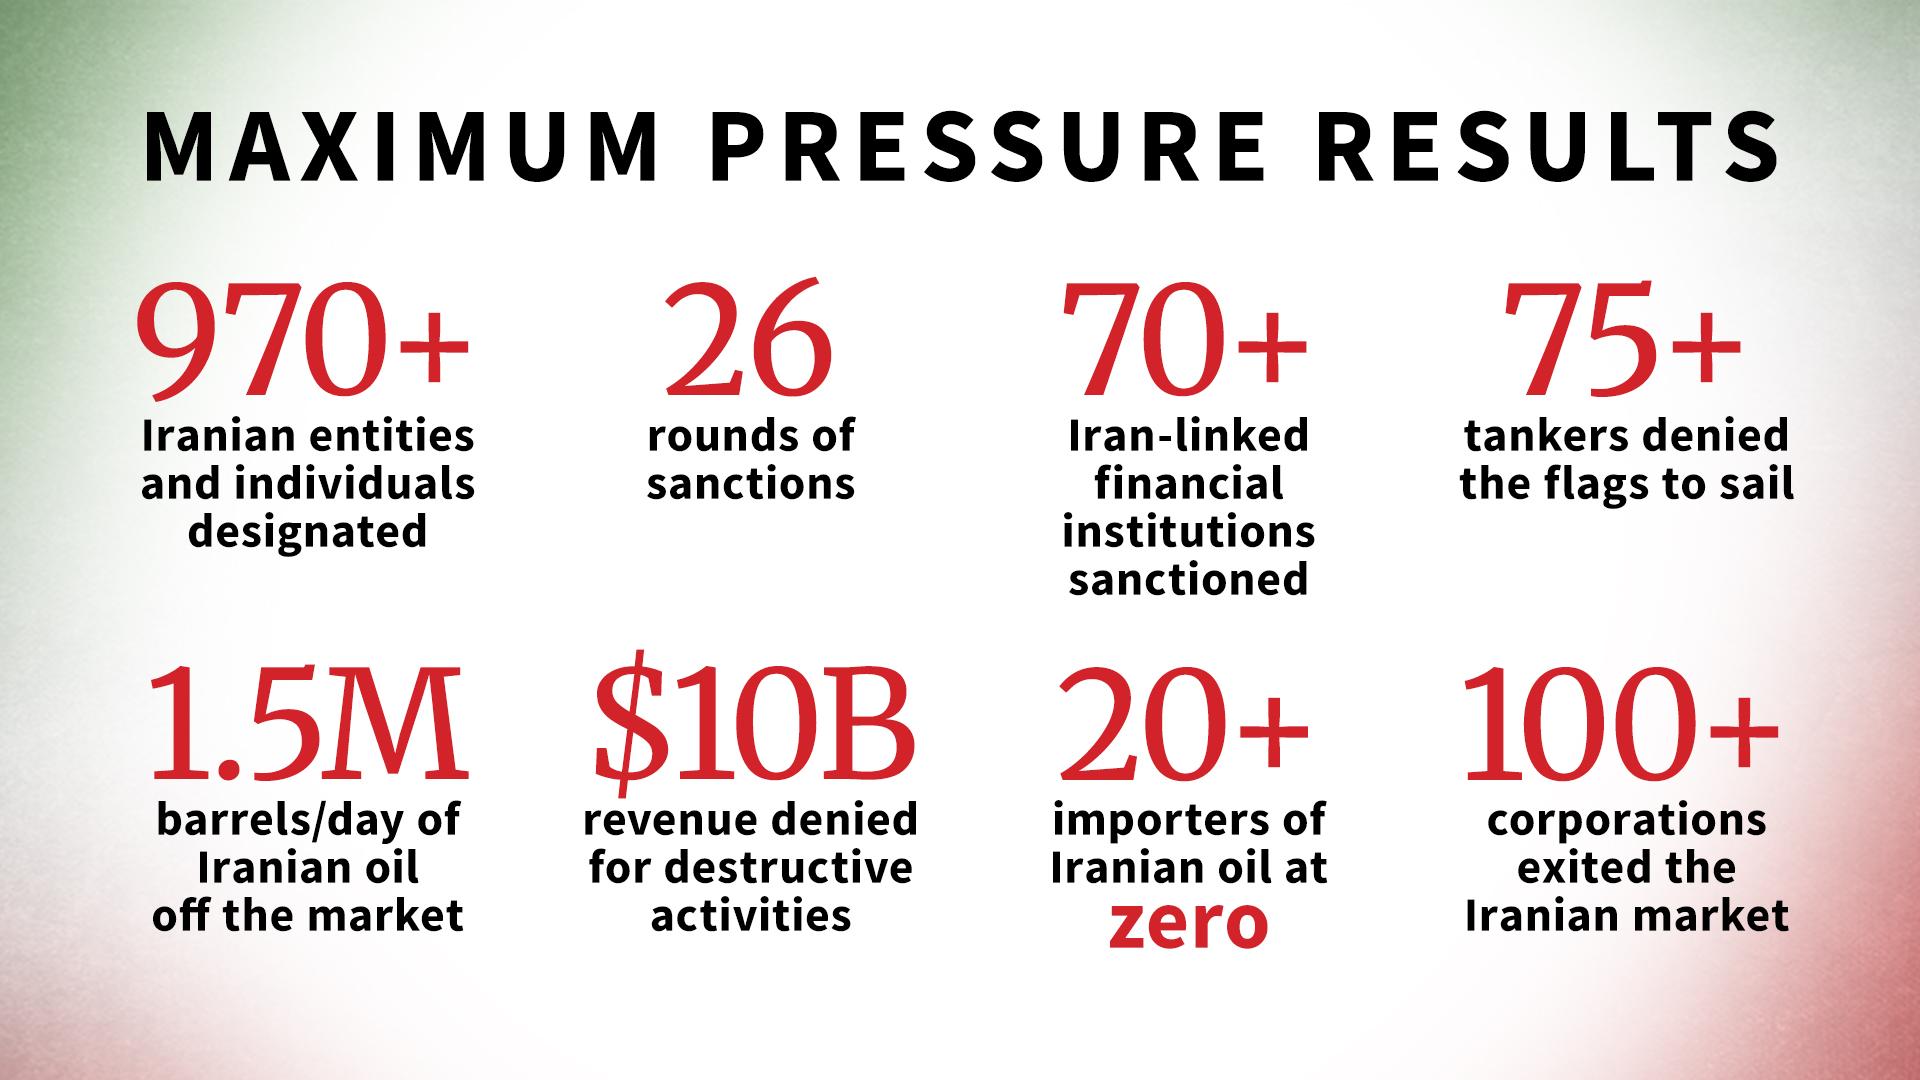 Maximum Pressure Results